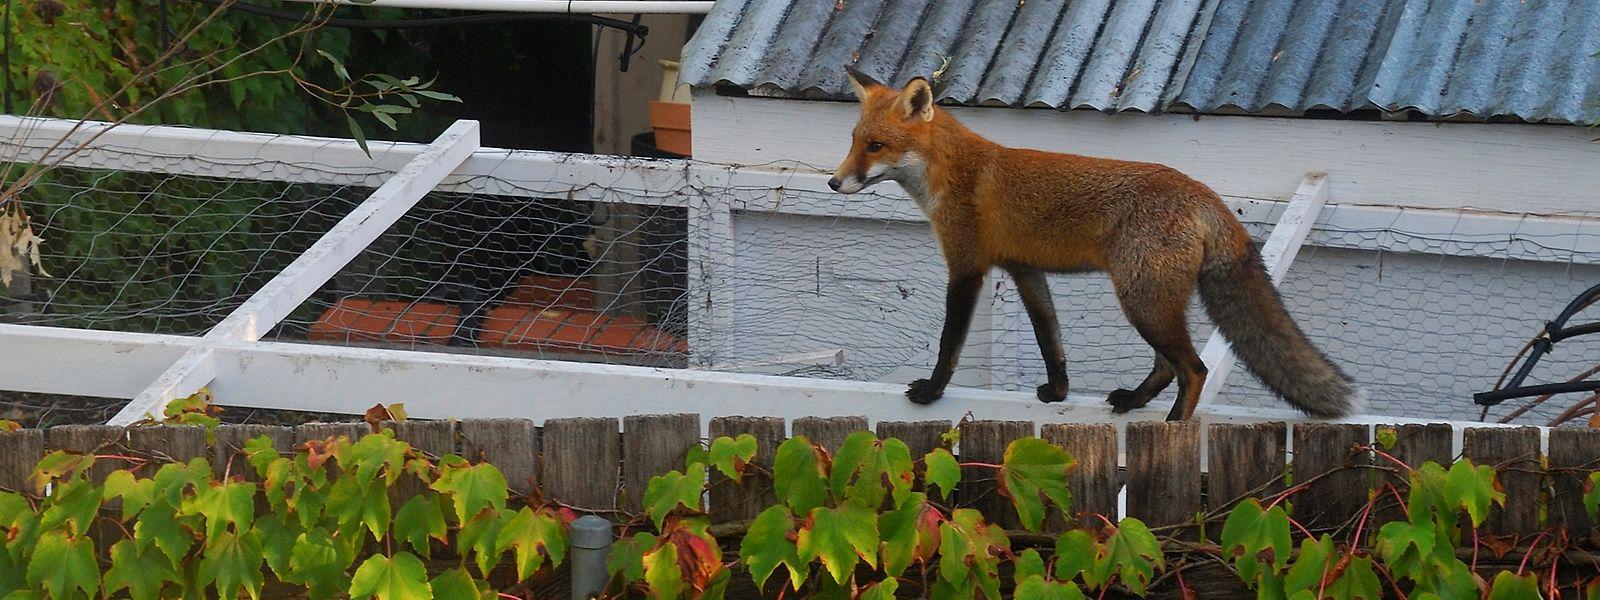 Weil er immer mehr aus seinem Lebensraum verdrängt wird, sucht der Rotfuchs nach Alternativen. Die findet er zunehmend in Städten.